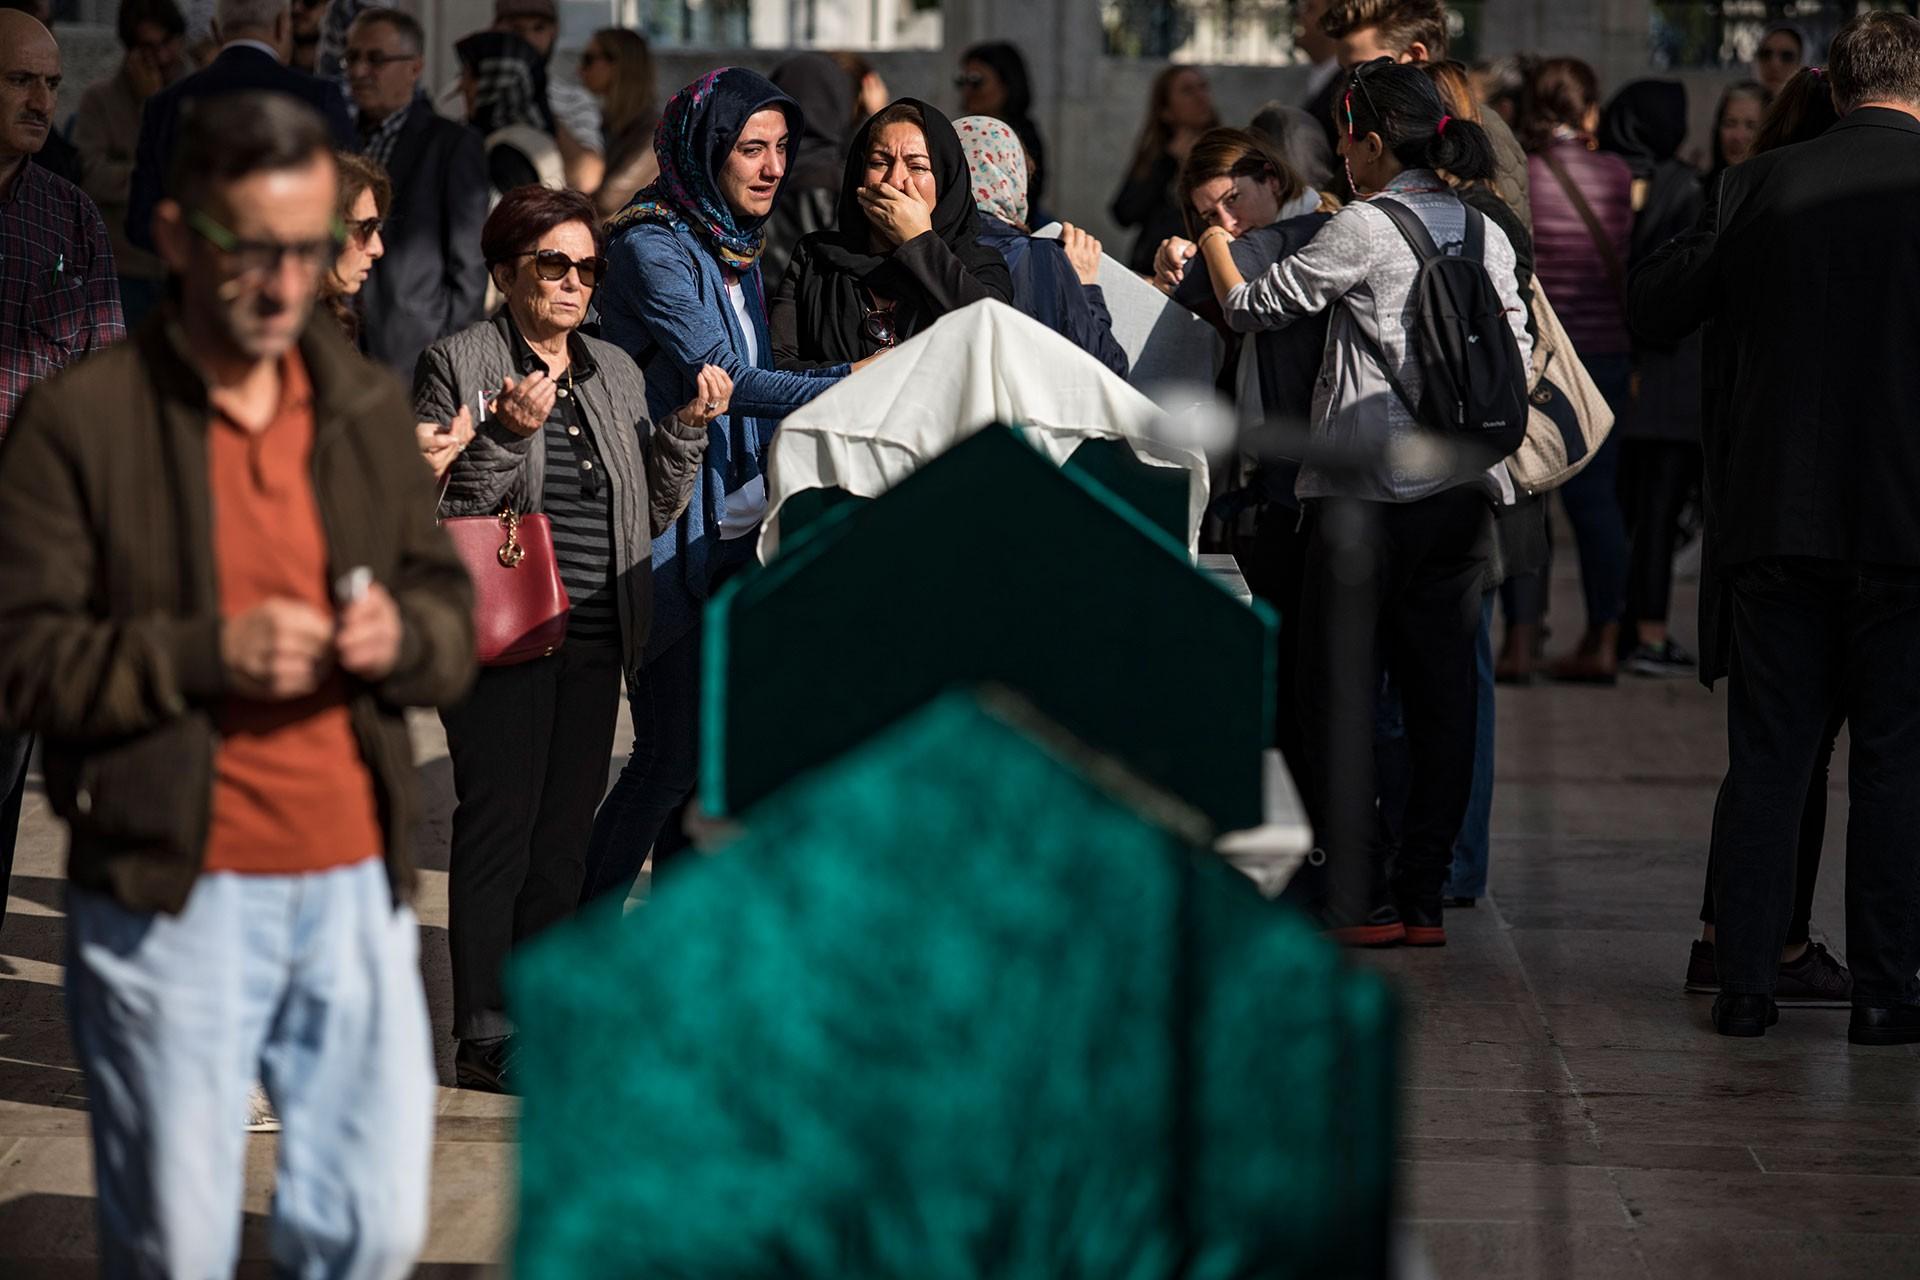 Bakırköy'de evlerinde ölü bulunan Delen ailesinin cenaze töreni.